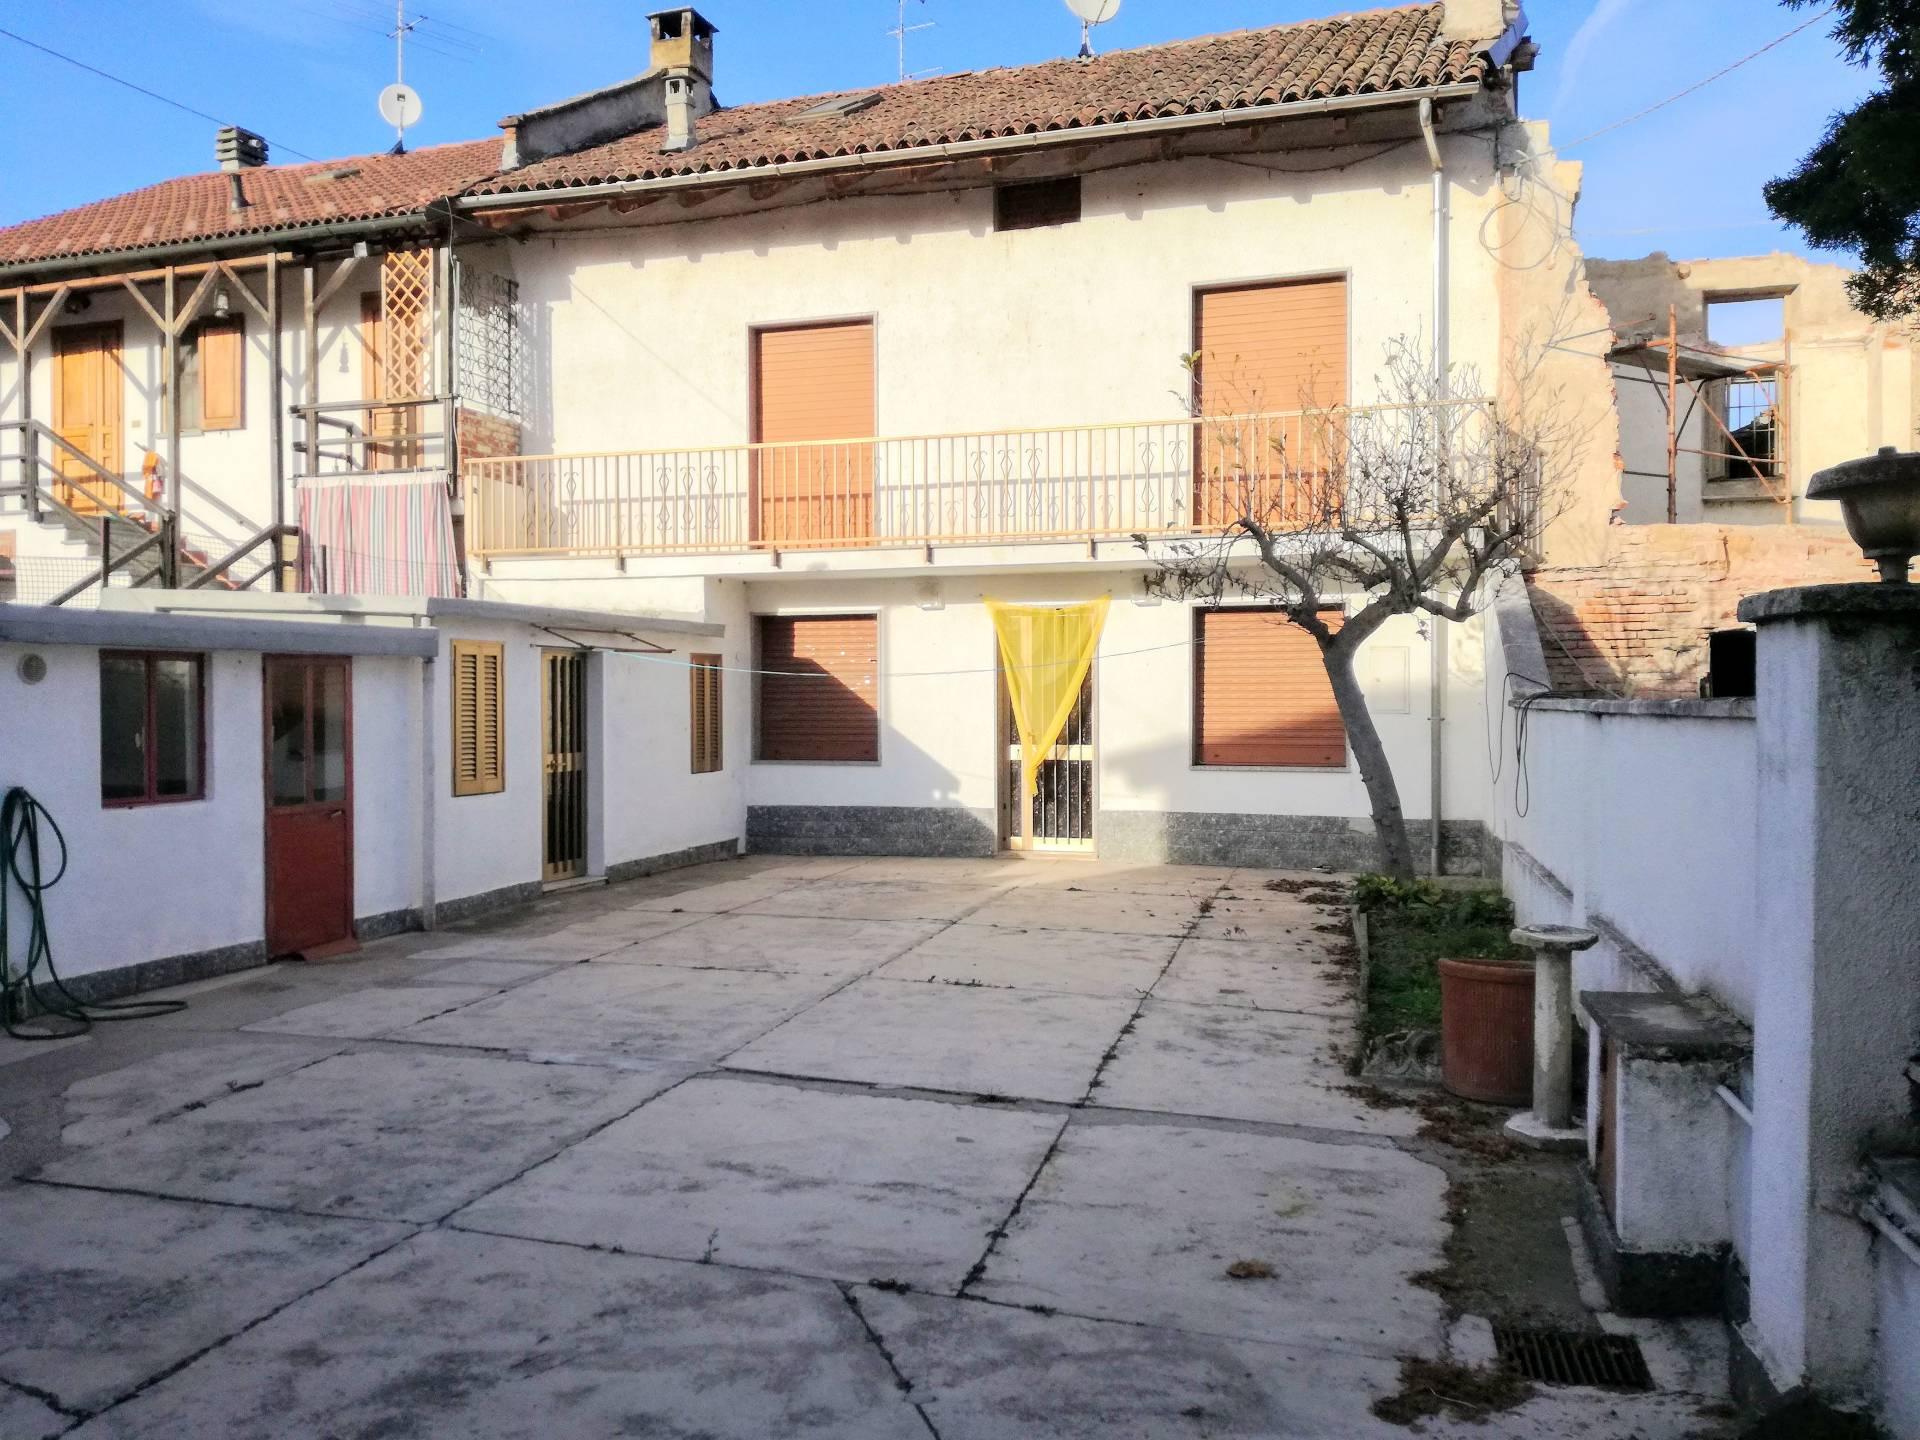 Soluzione Semindipendente in vendita a Villanova Monferrato, 4 locali, prezzo € 135.000 | CambioCasa.it